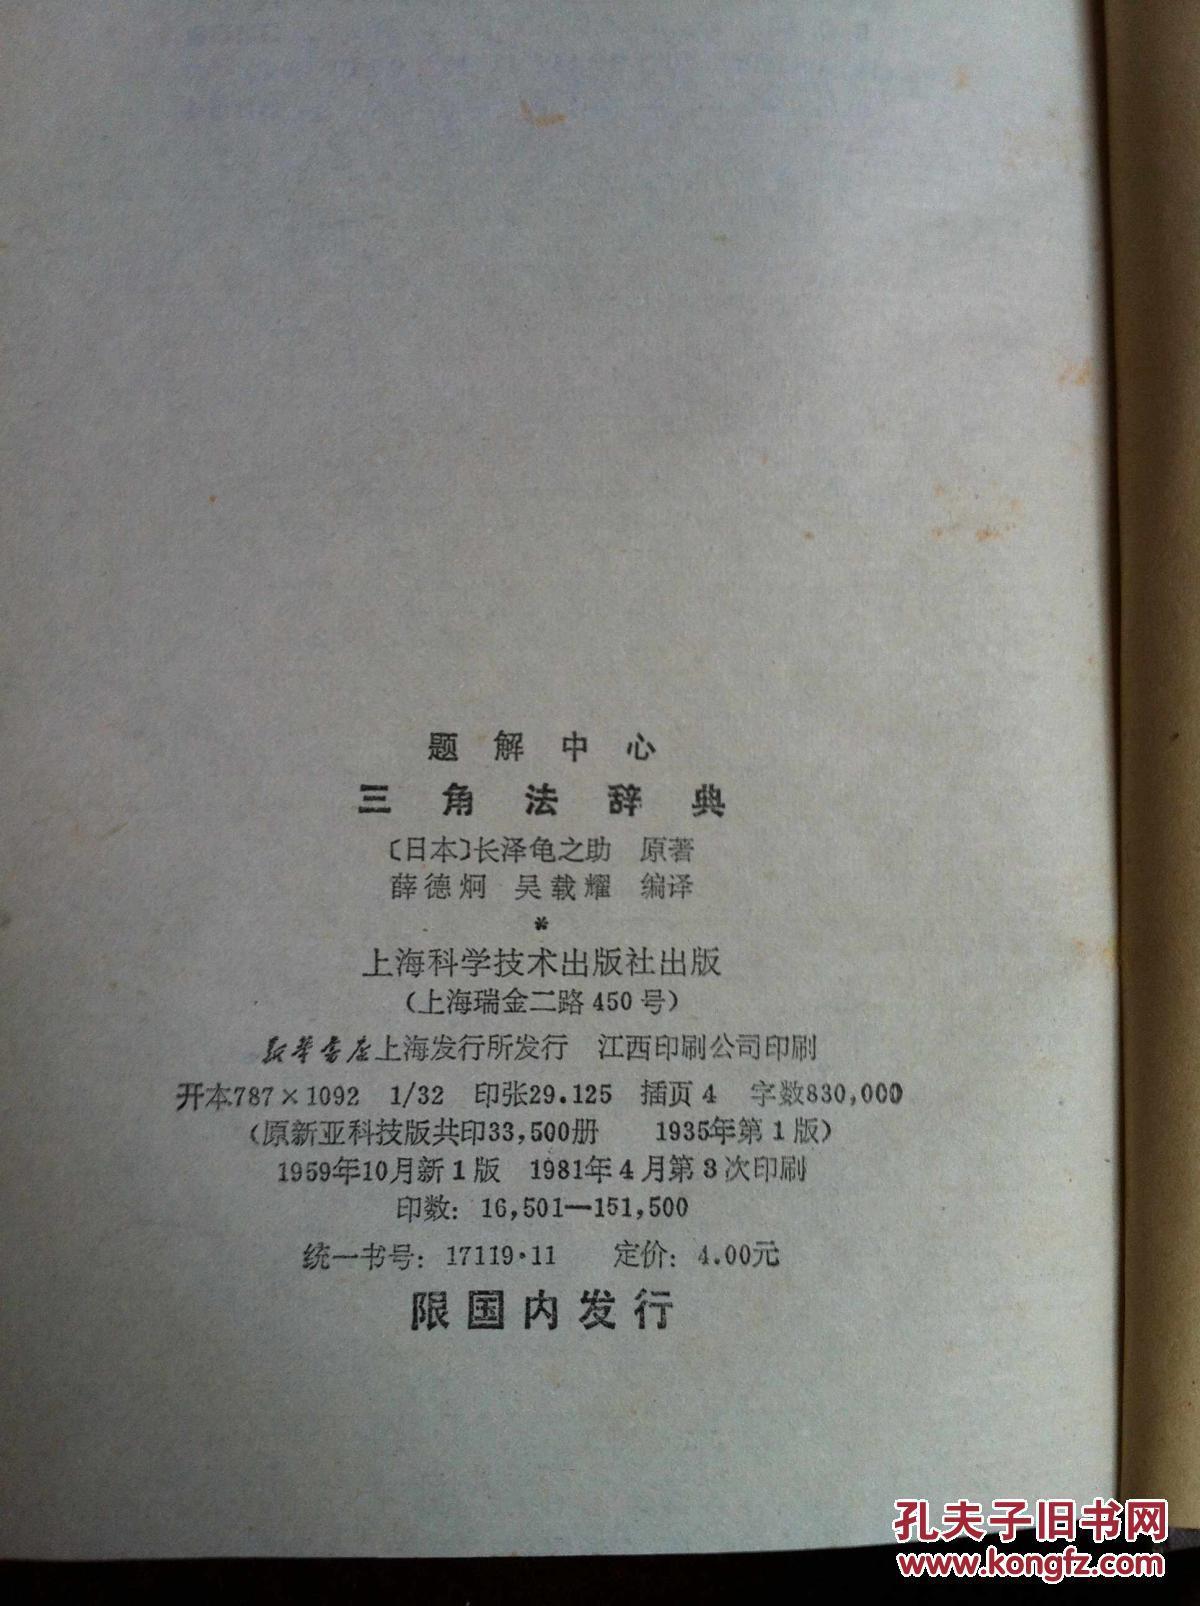 【图】三角法价格-81年1版3印_辞典:8.00_网上转ugcad图纸使用无法图片